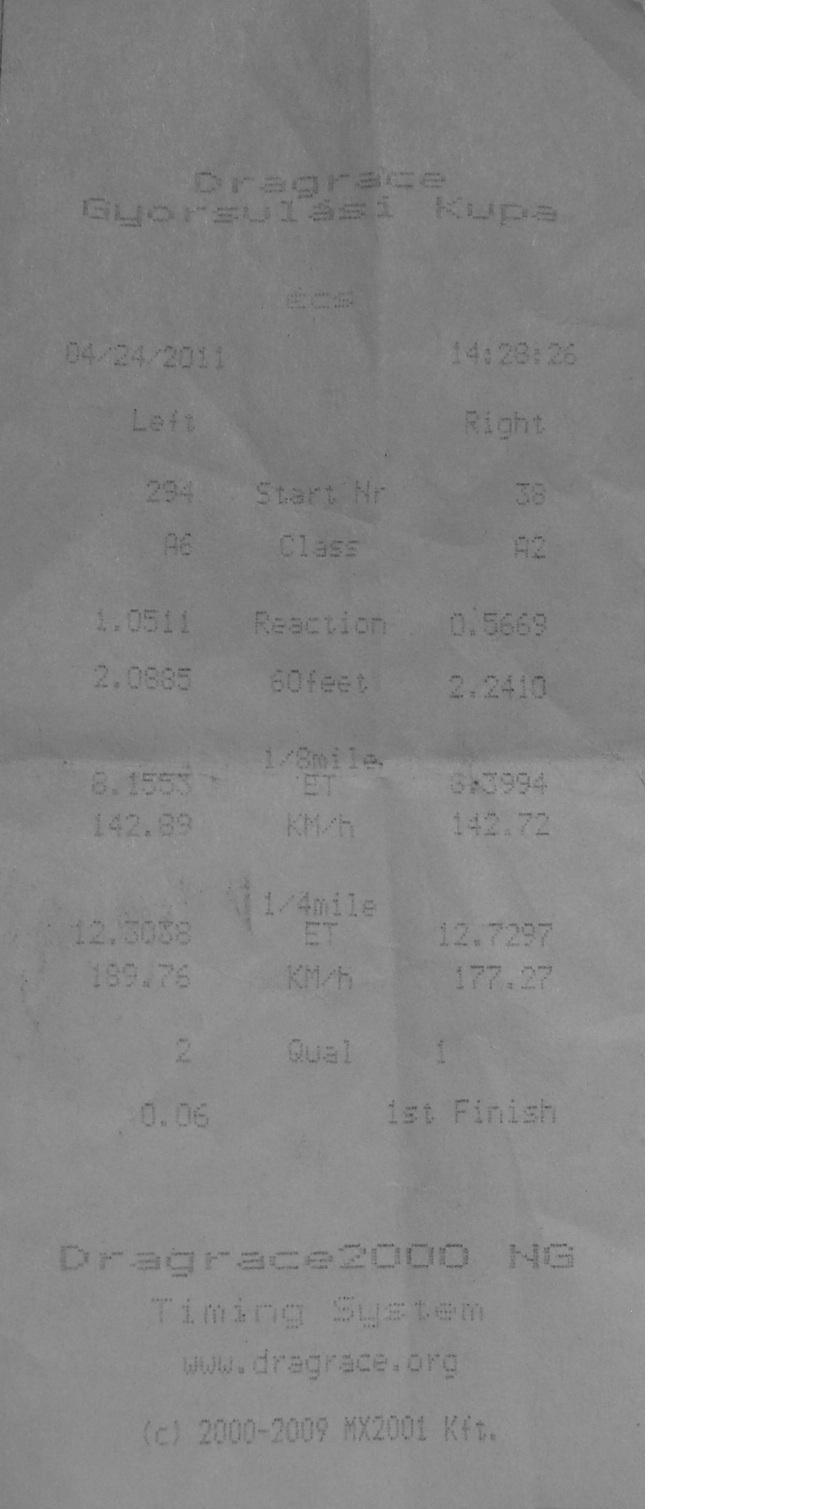 Daihatsu Charade Timeslip Scan